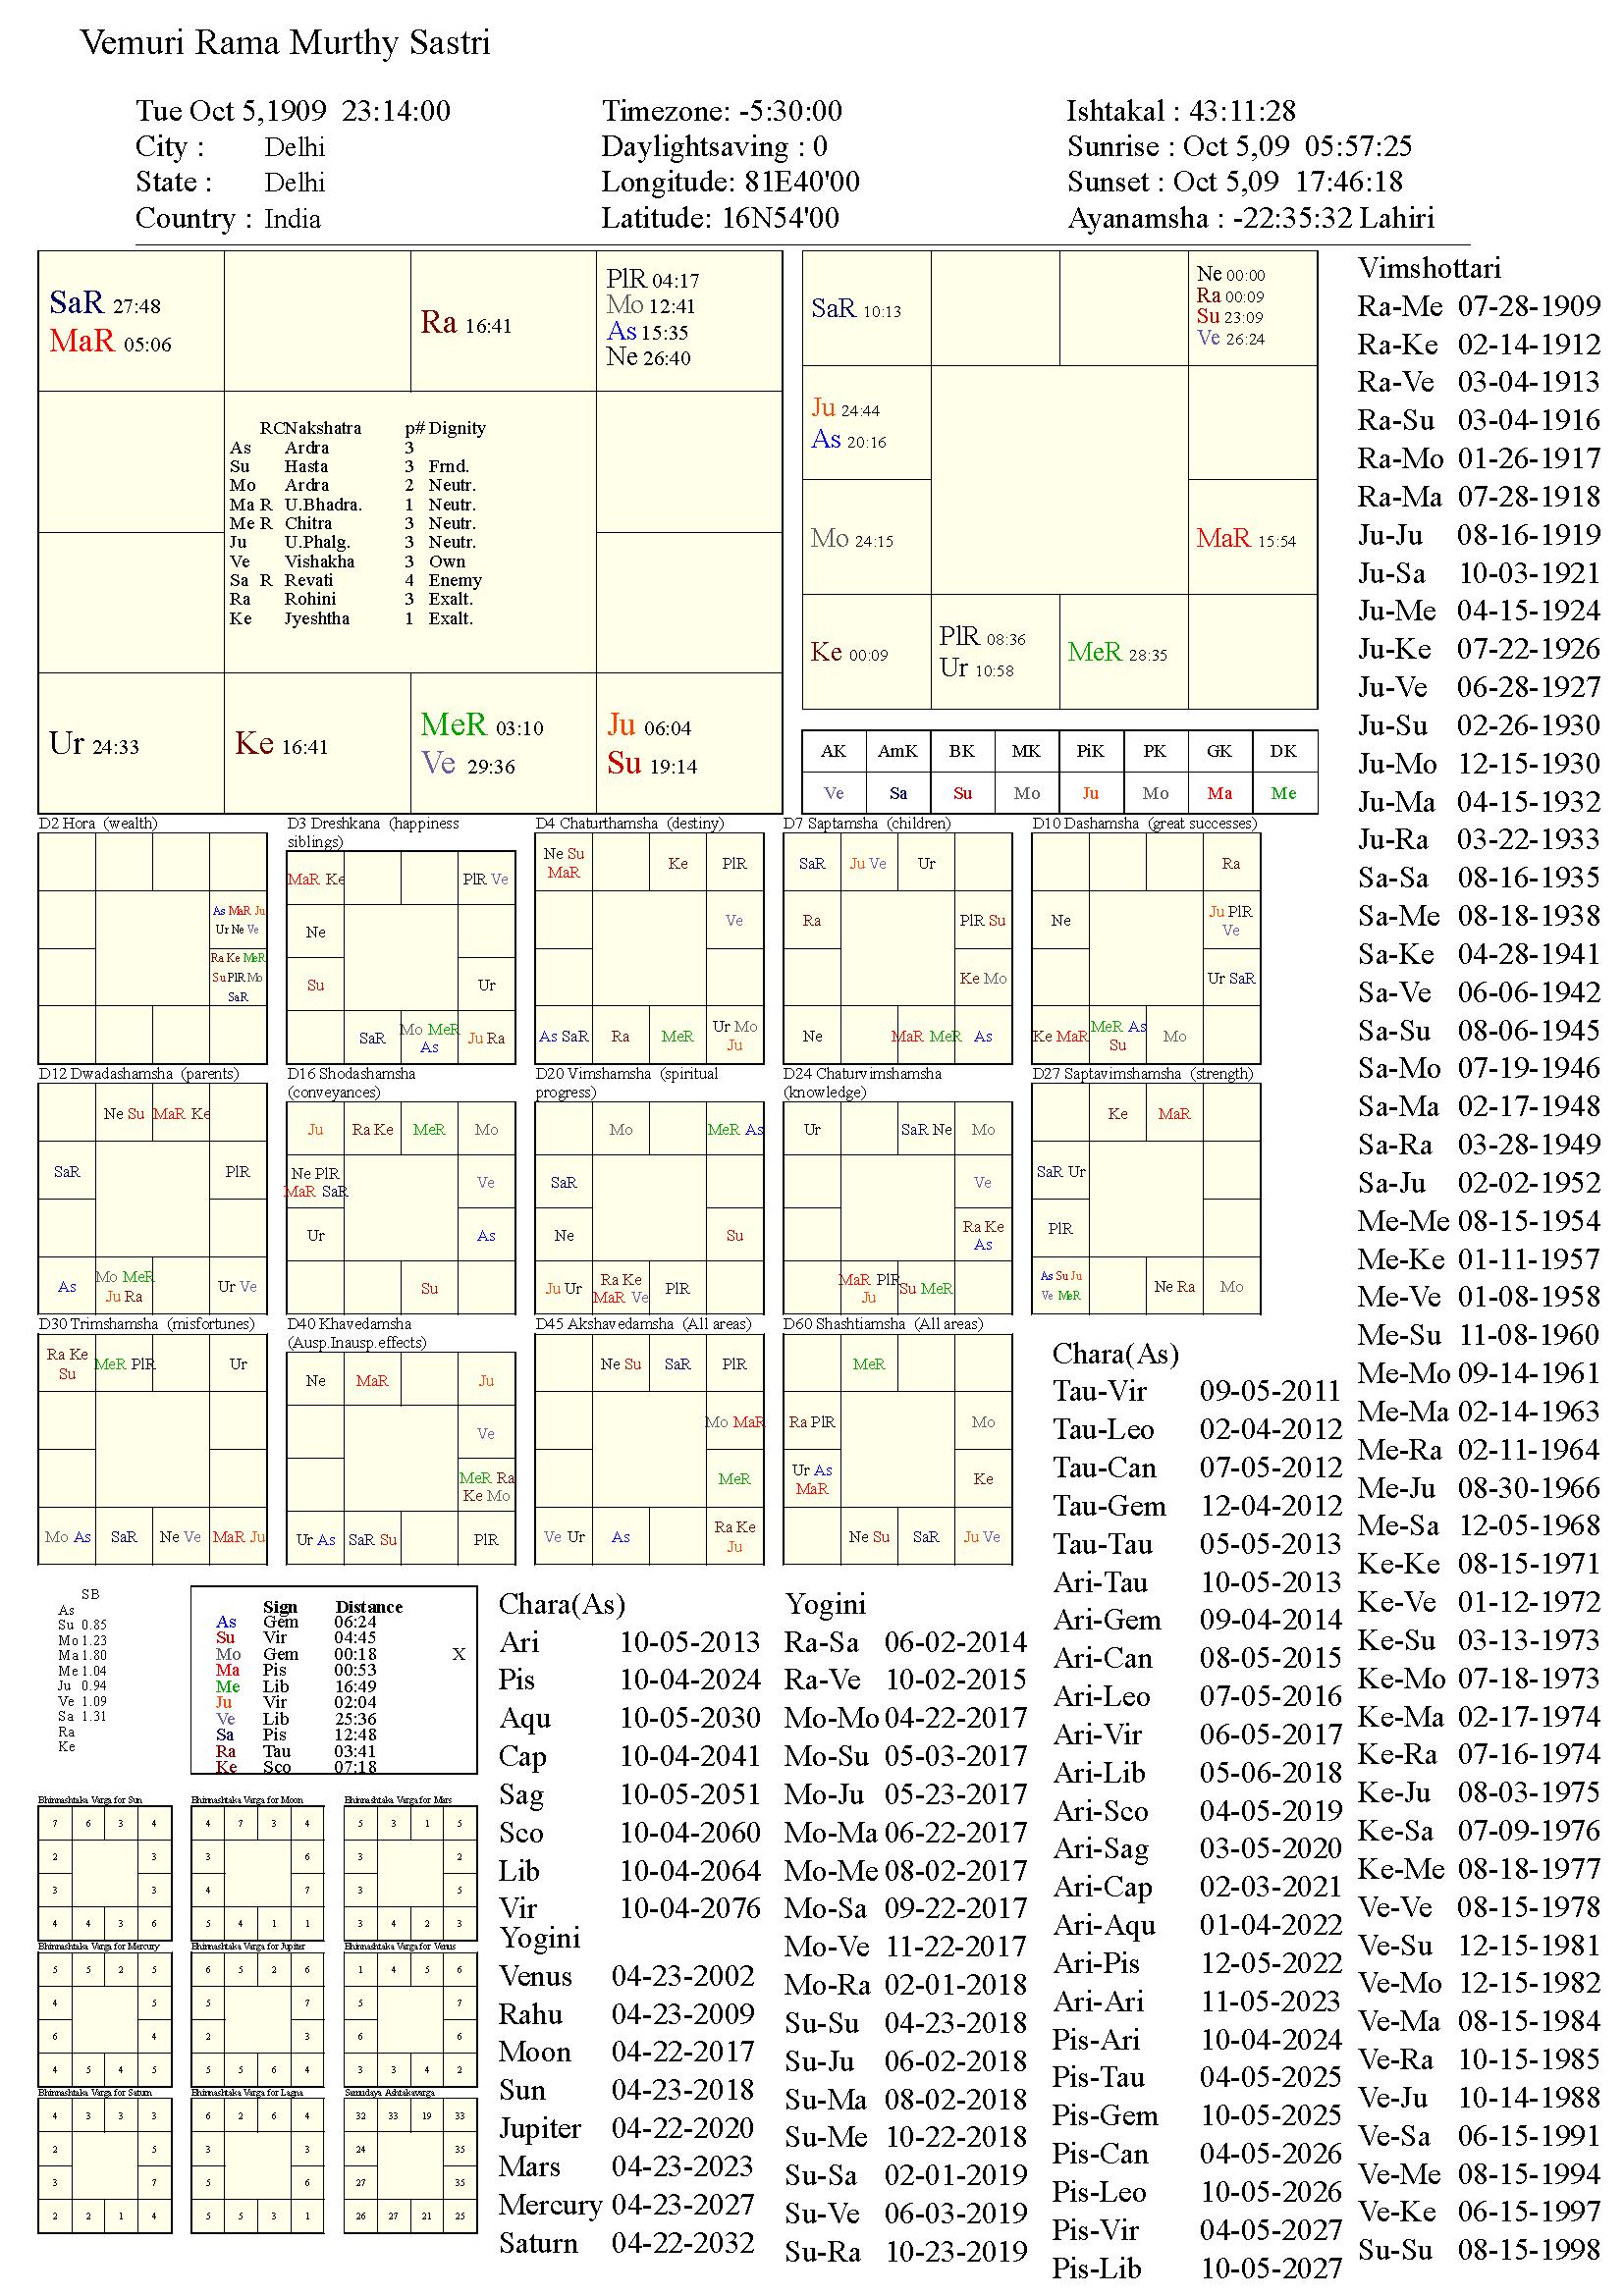 SriVemuriRamaMurthySastri_chart